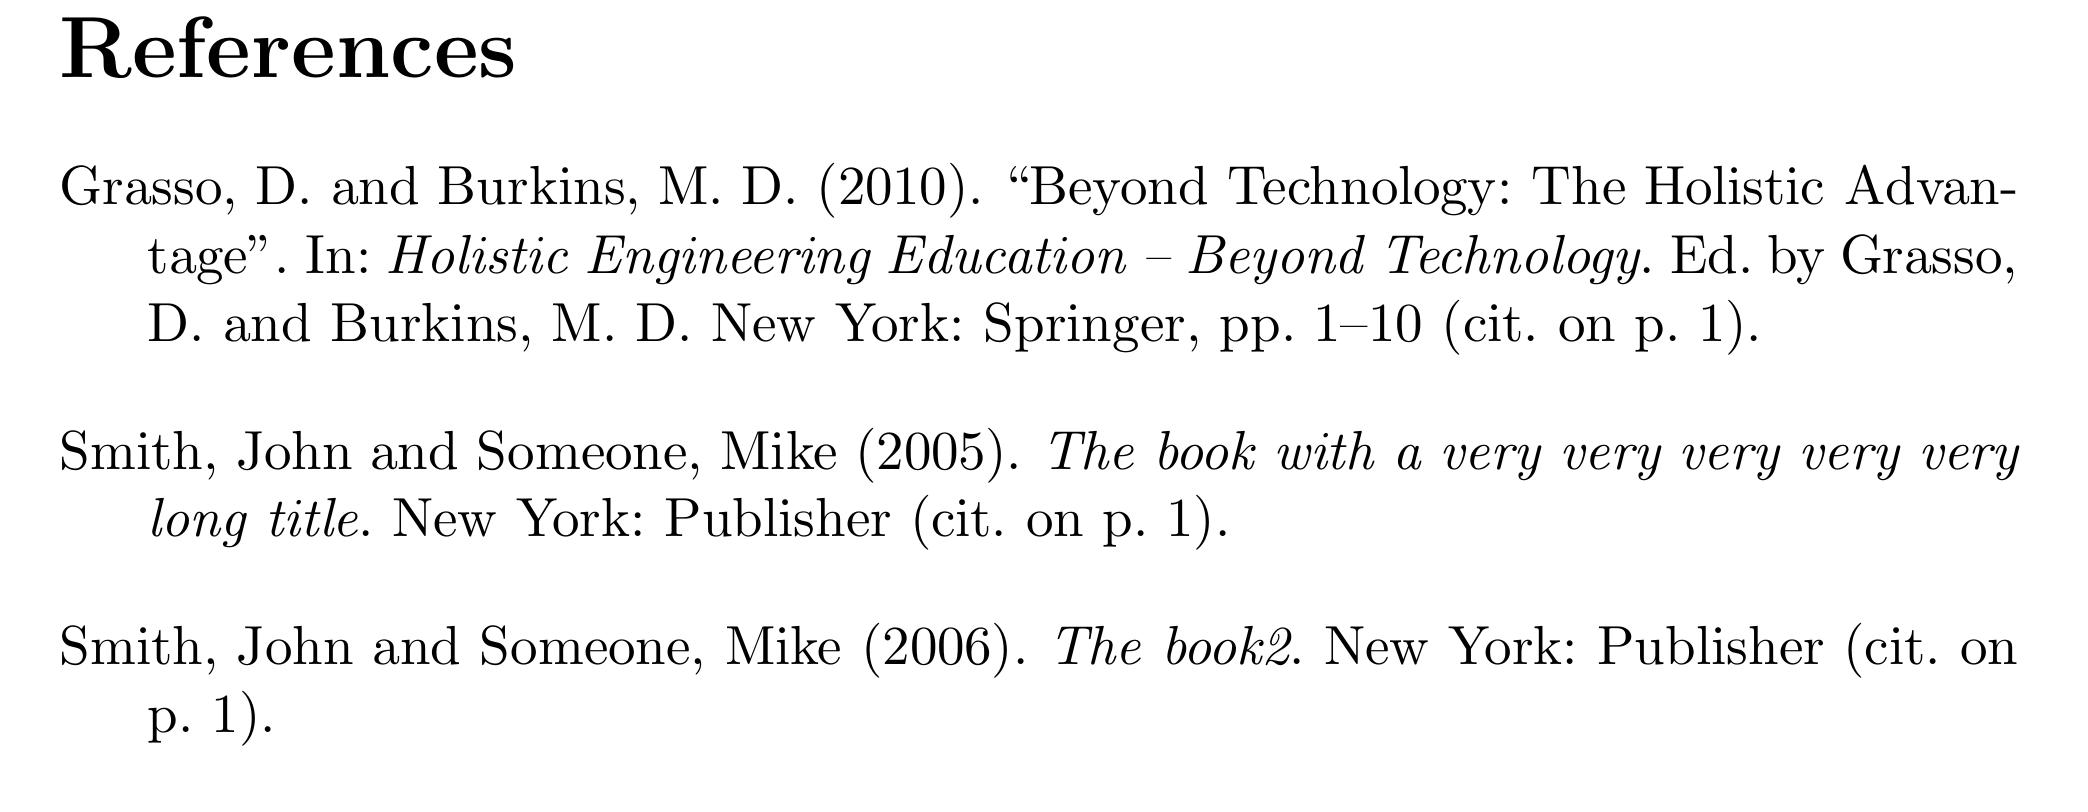 apa style bibliography